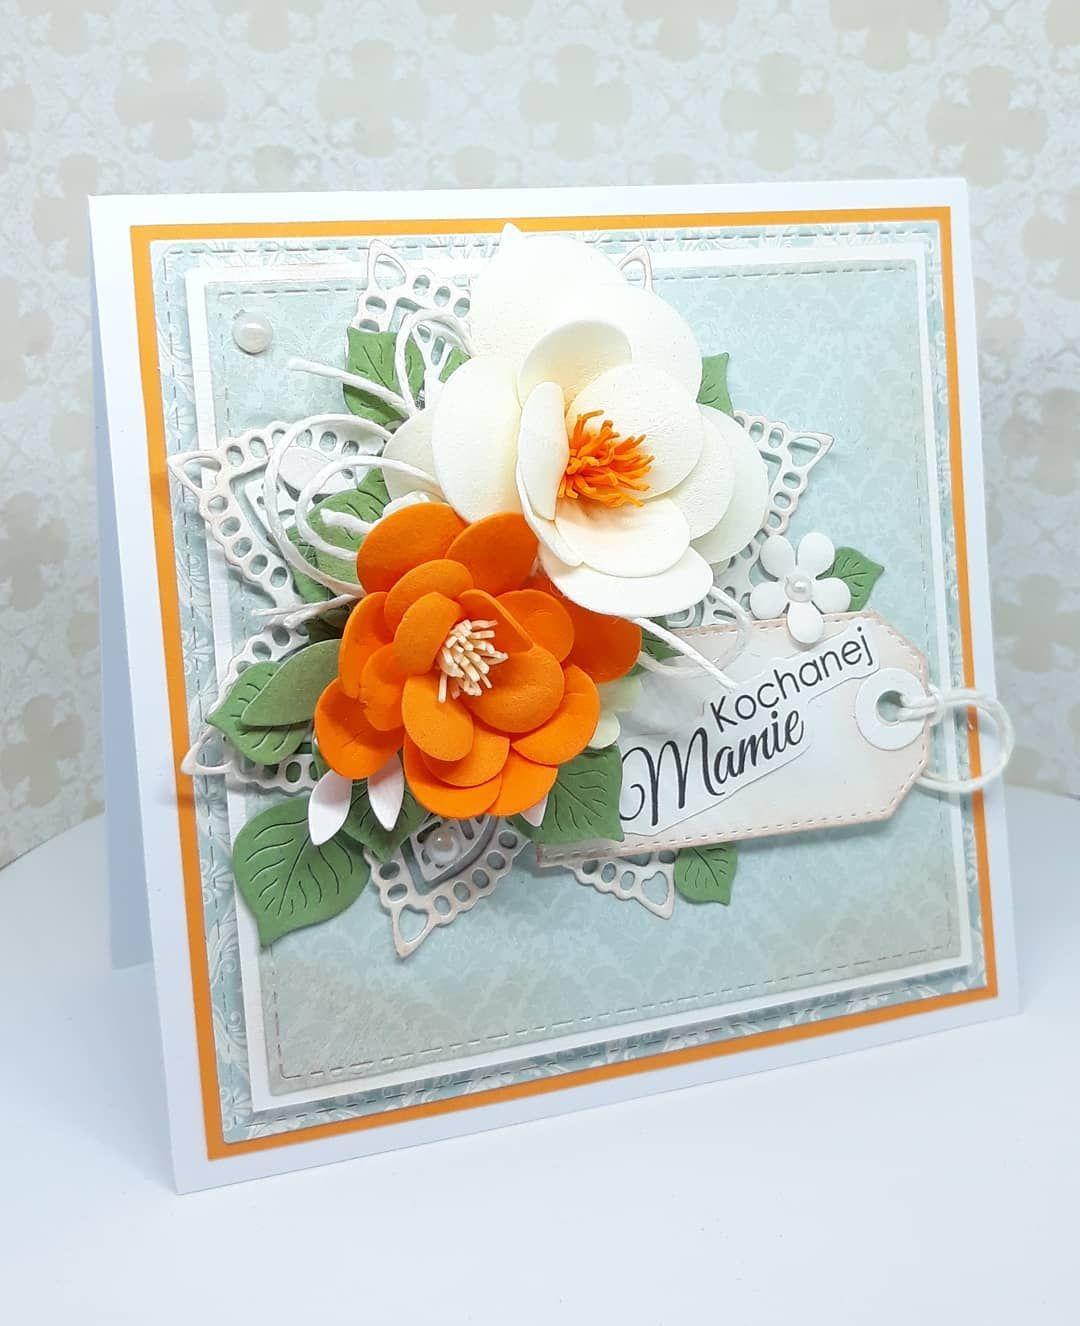 Dzien Matki Coraz Blizej Kartka Bedzie Milym I Prostym Prezentem Aby W Wyjatkowy Sposob Przekazac Zyczenia Bliskiej Sercu Osobie Flower Cards Cards Flowers